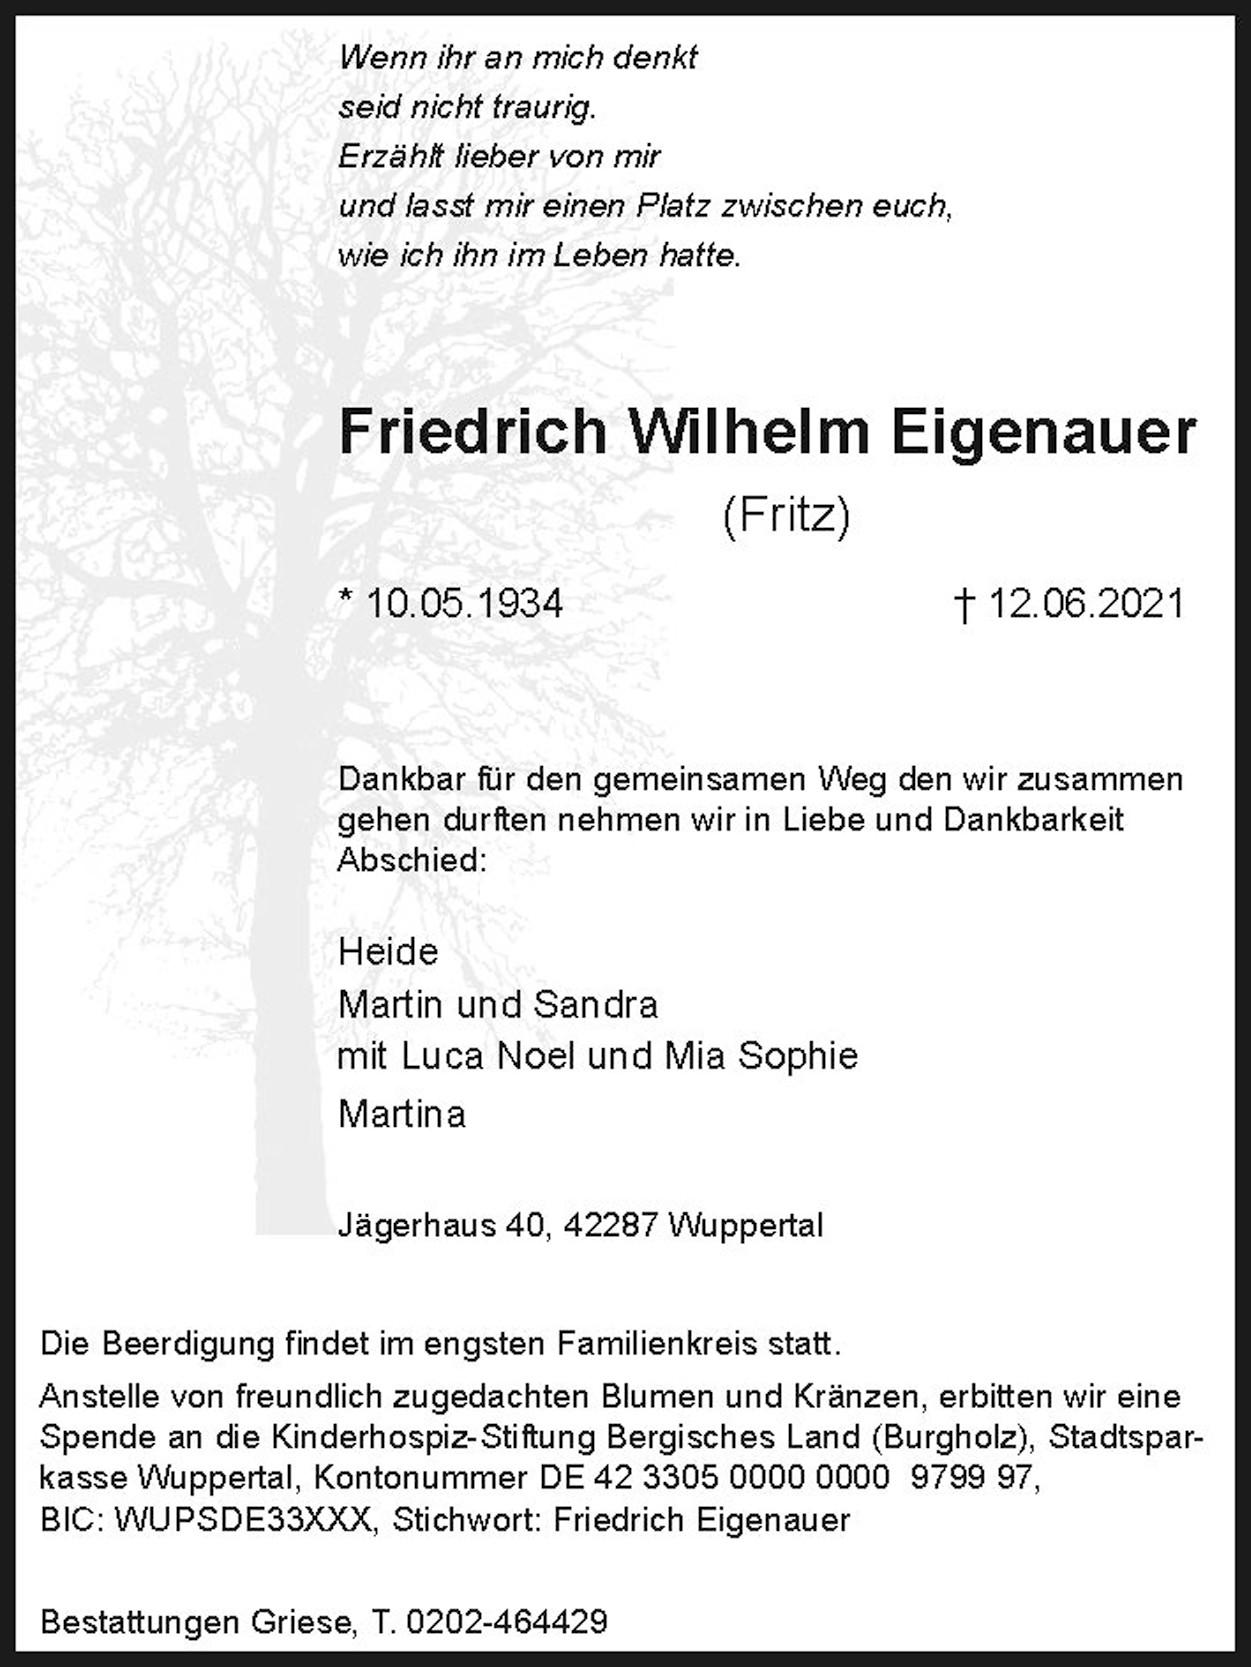 Friedrich Wilhelm Eigenauer